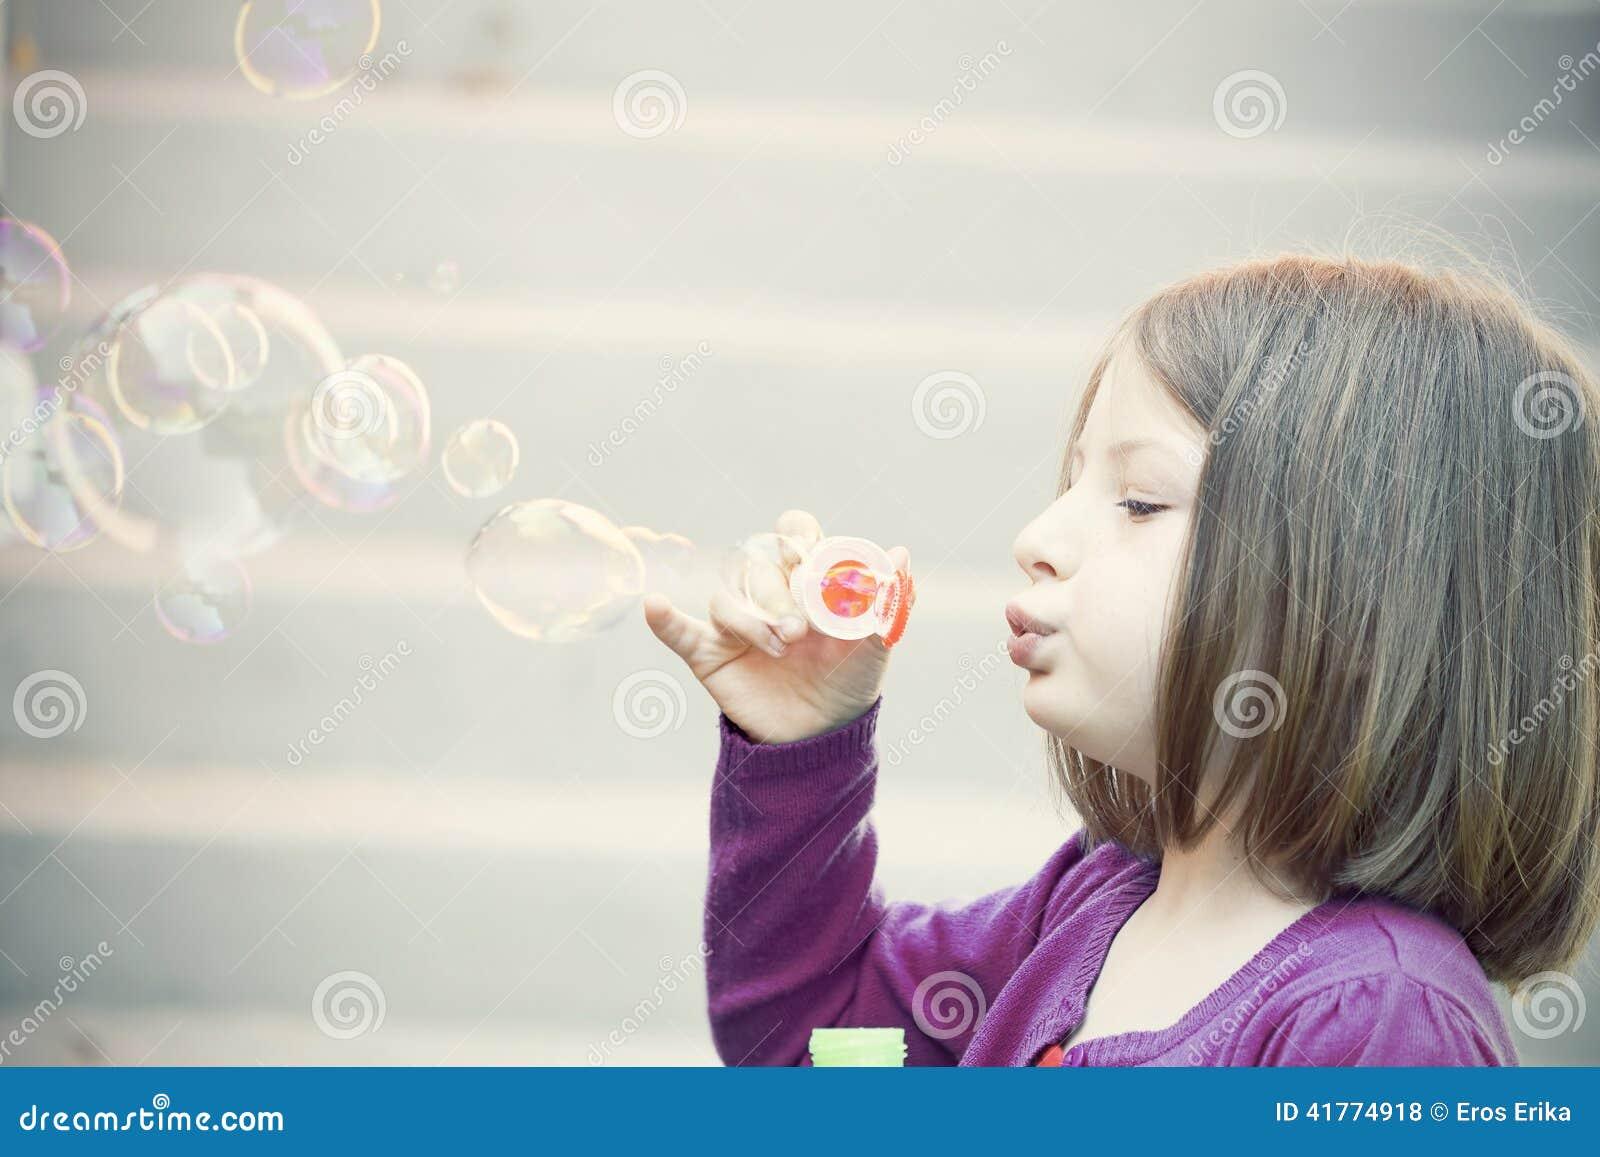 Sehr junger unschuldiger kleiner Honigschlag, Vakuumpumpe Nippel Bilder